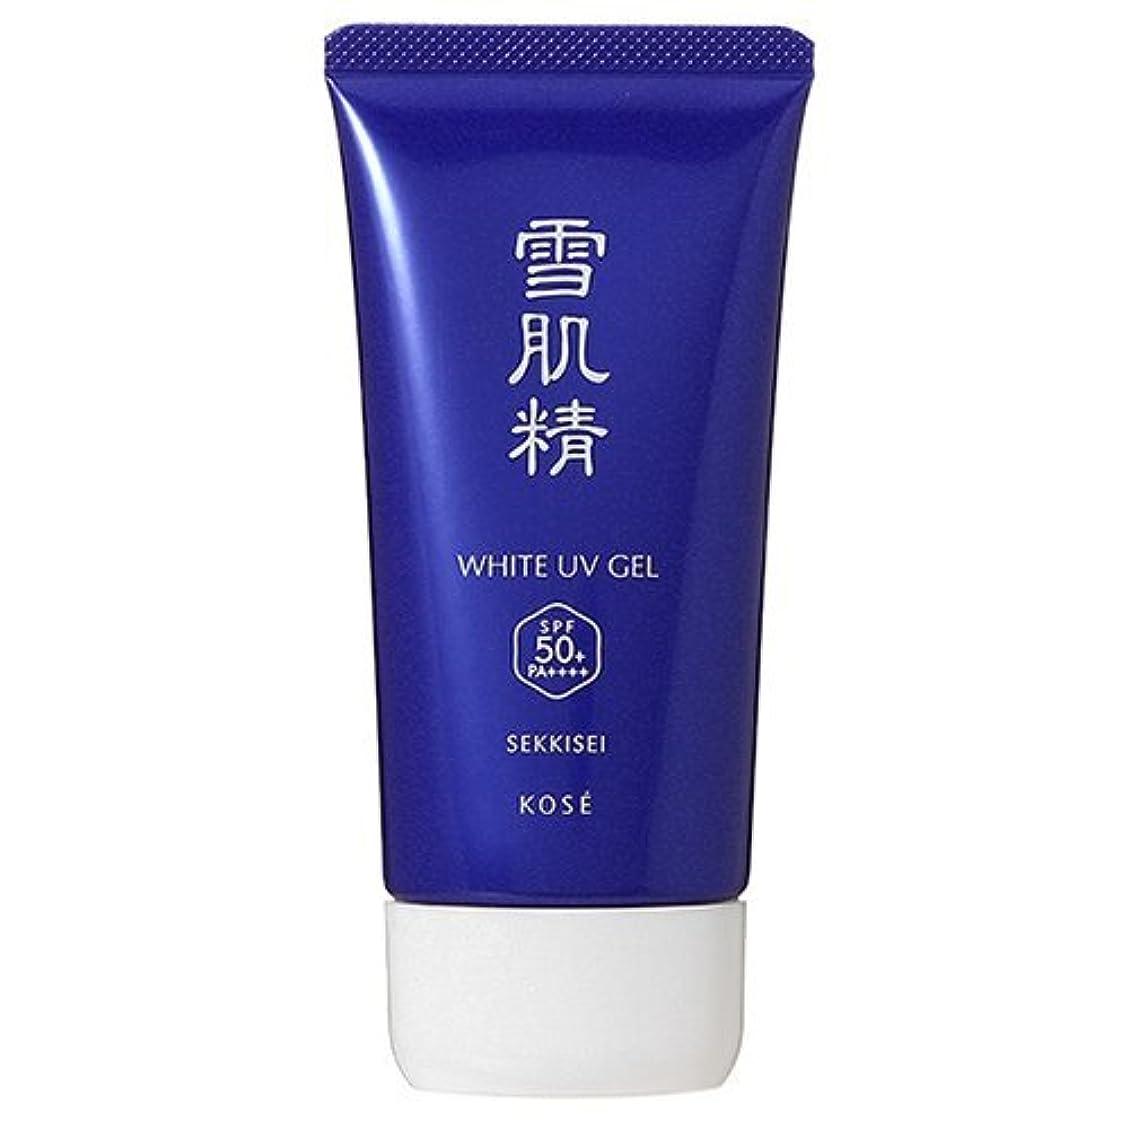 レビュー苦しむハーブコーセー 雪肌精 ホワイト UV ジェル SPF50+/PA++++ 80g